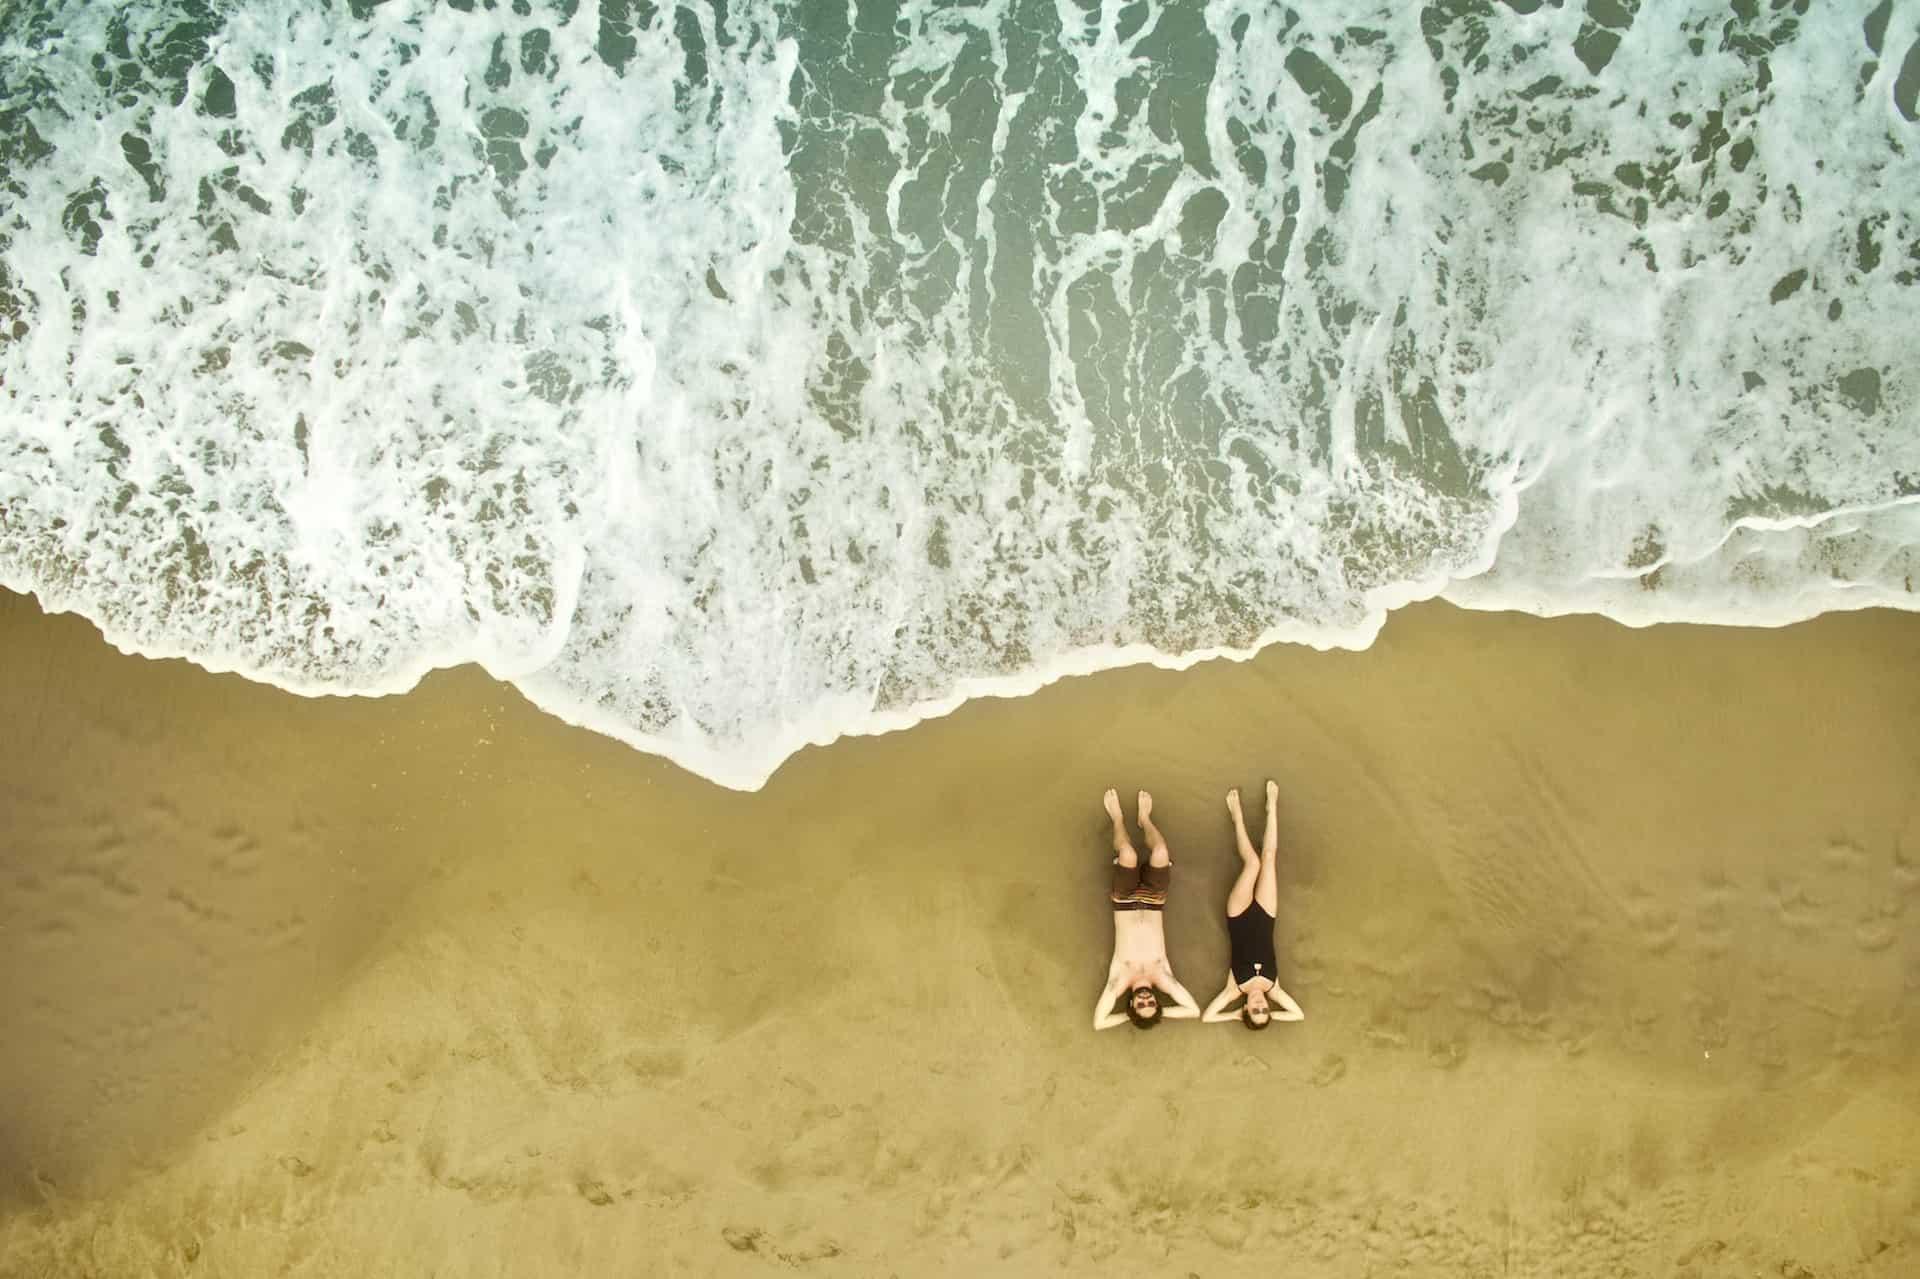 Luftaufnahme von einem Paar am Strand